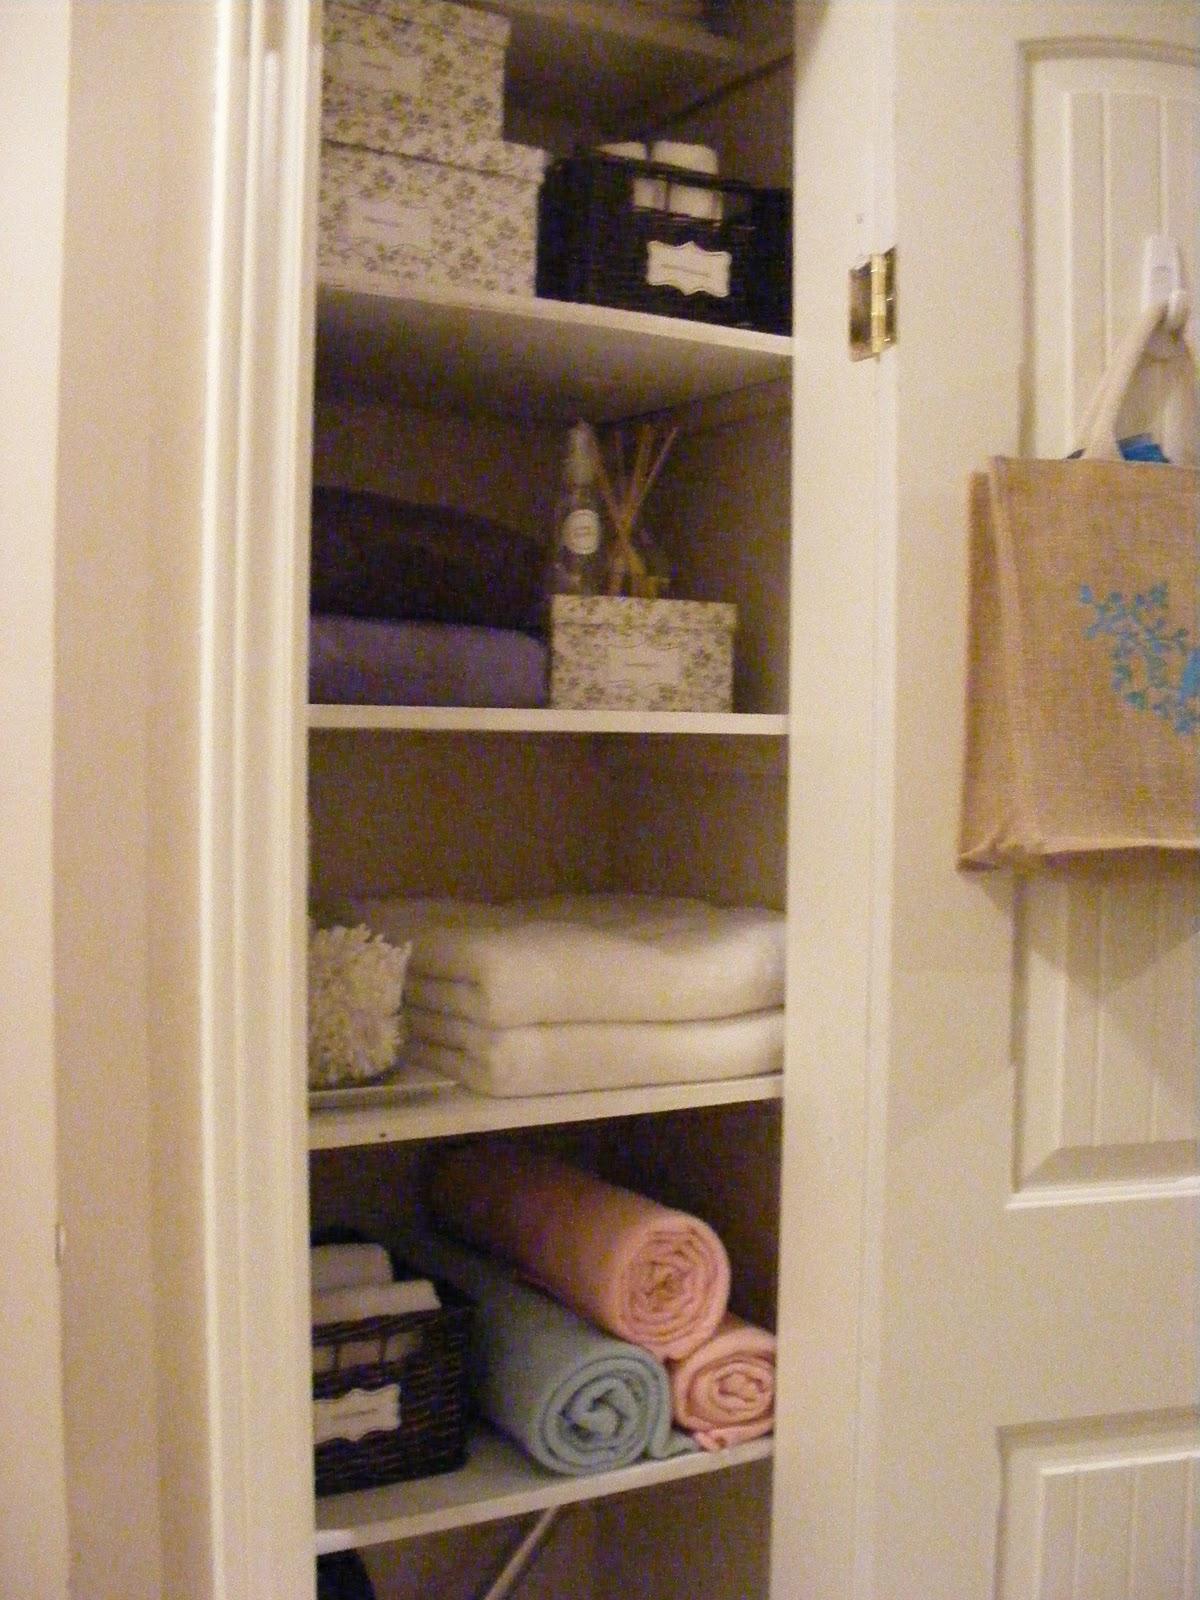 Merveilleux A Linen Closet Reveal